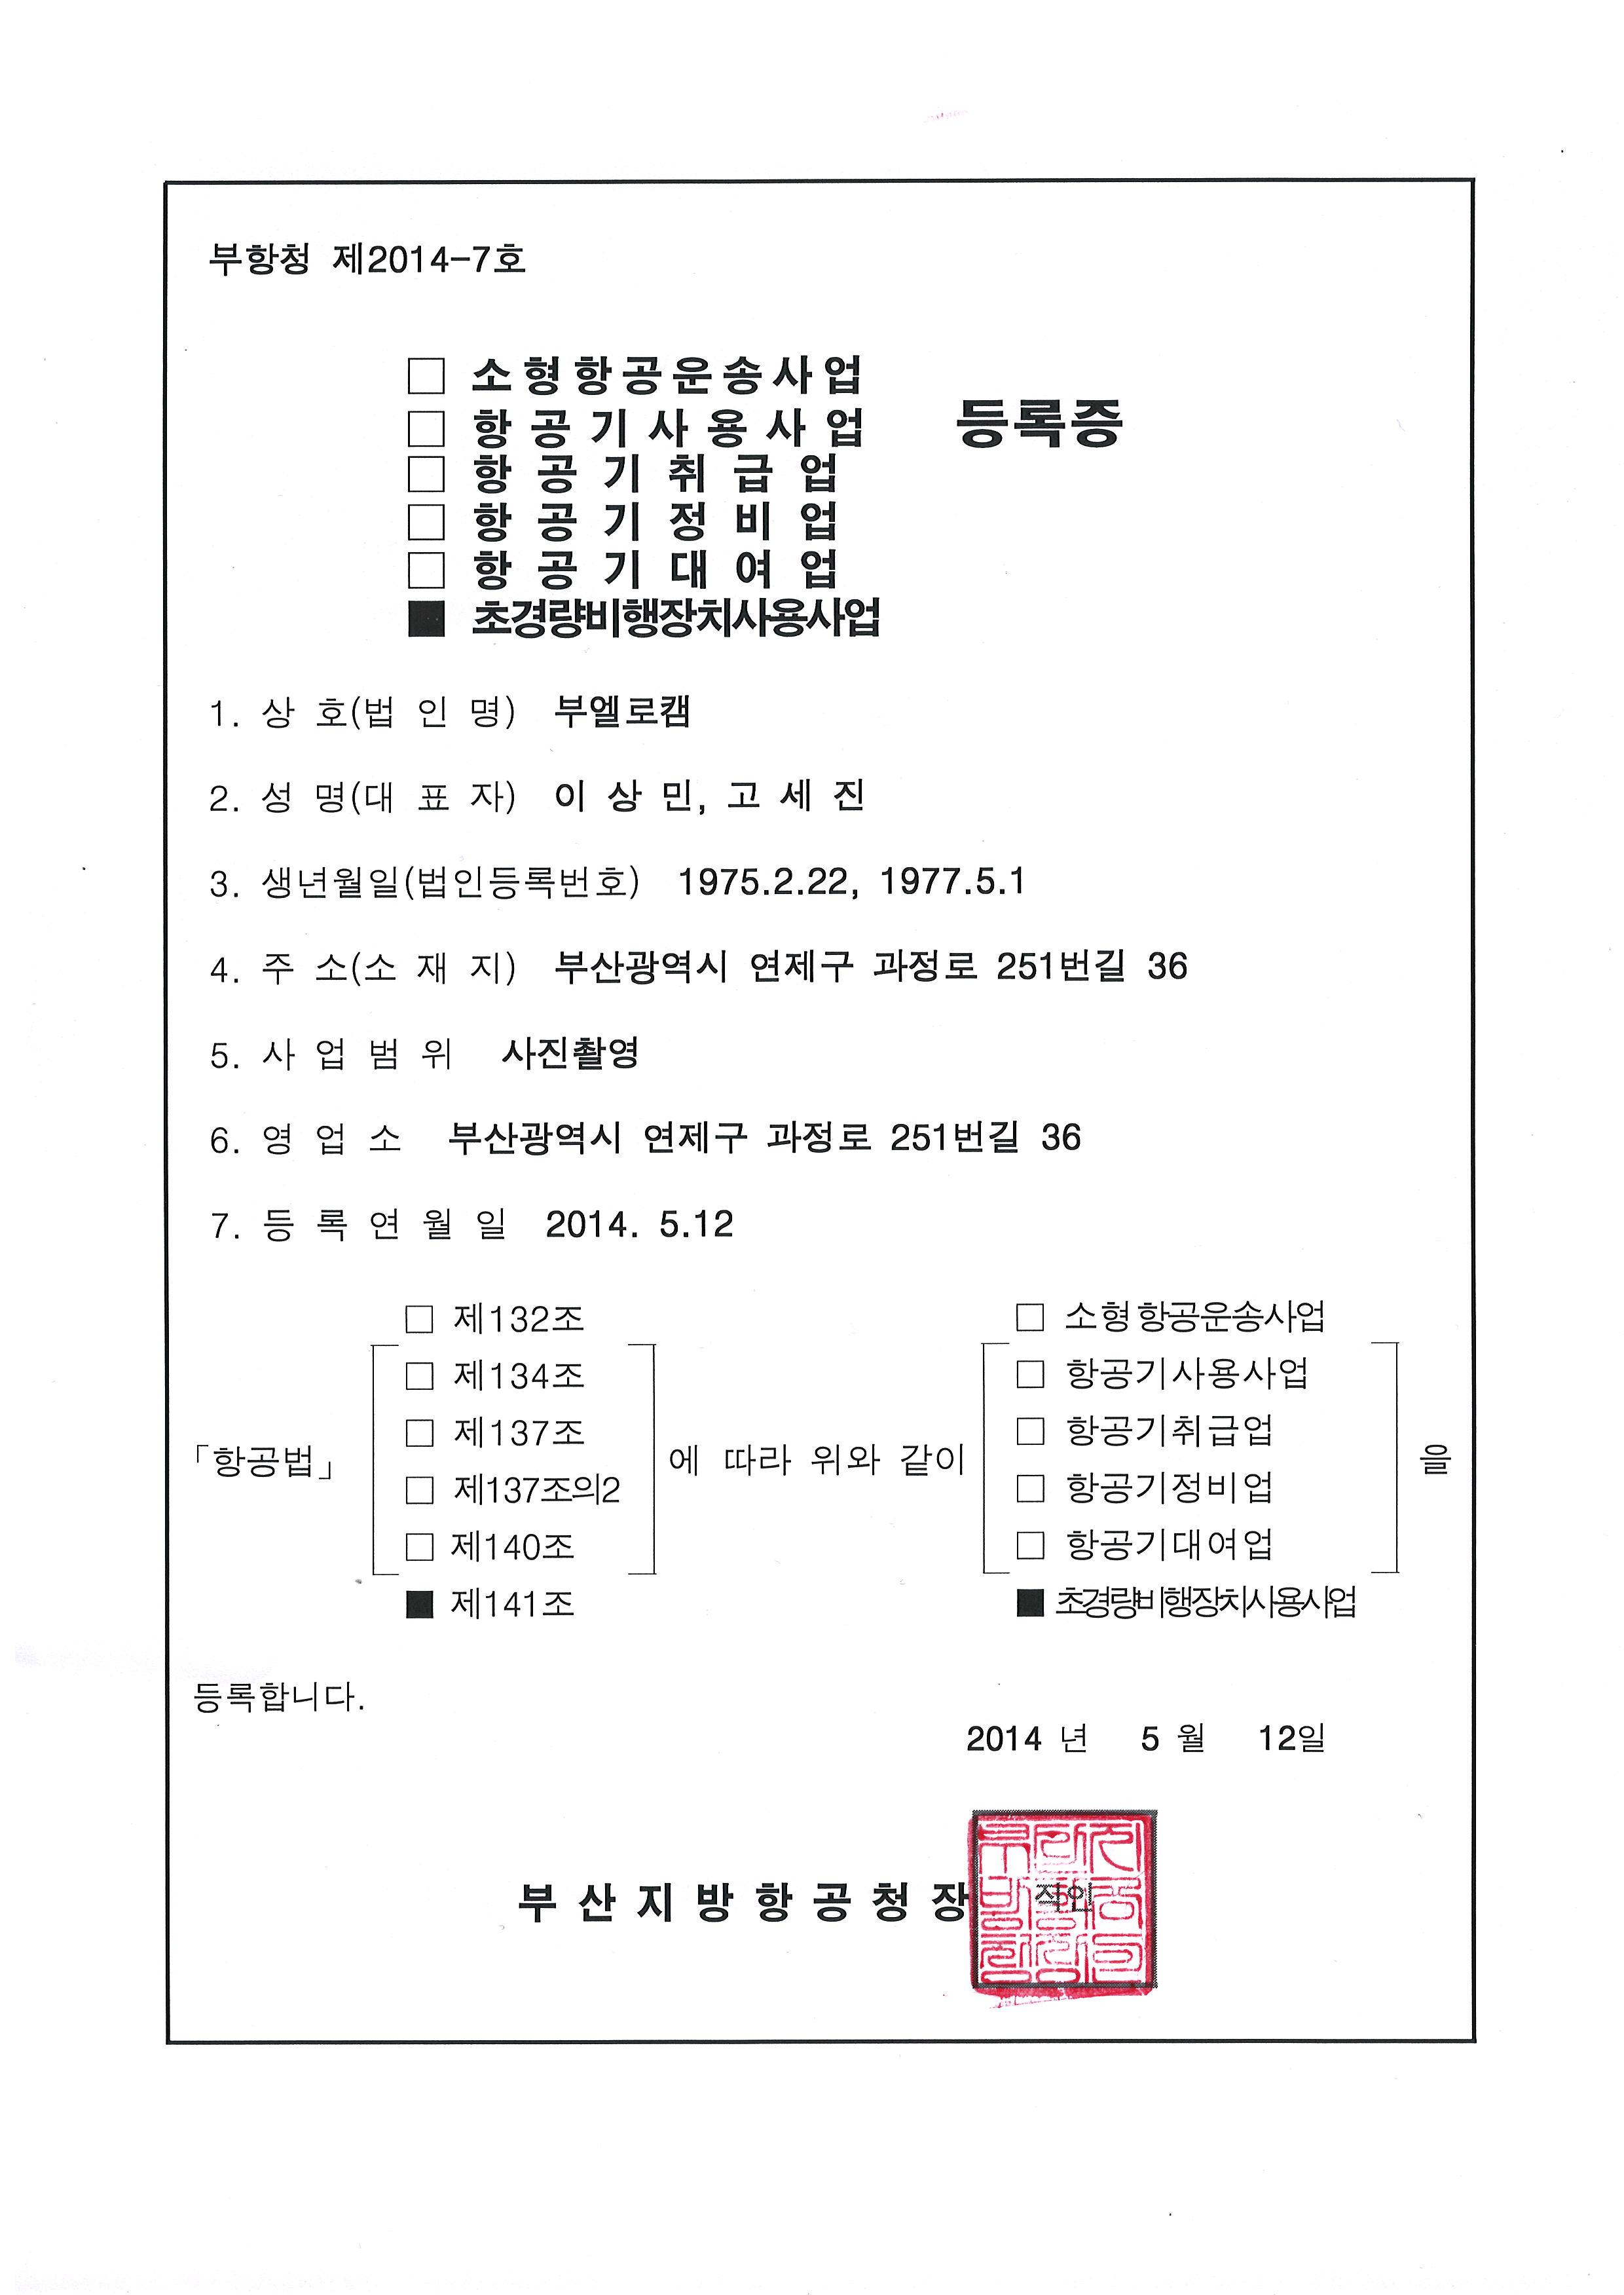 항공청 등록증.JPG